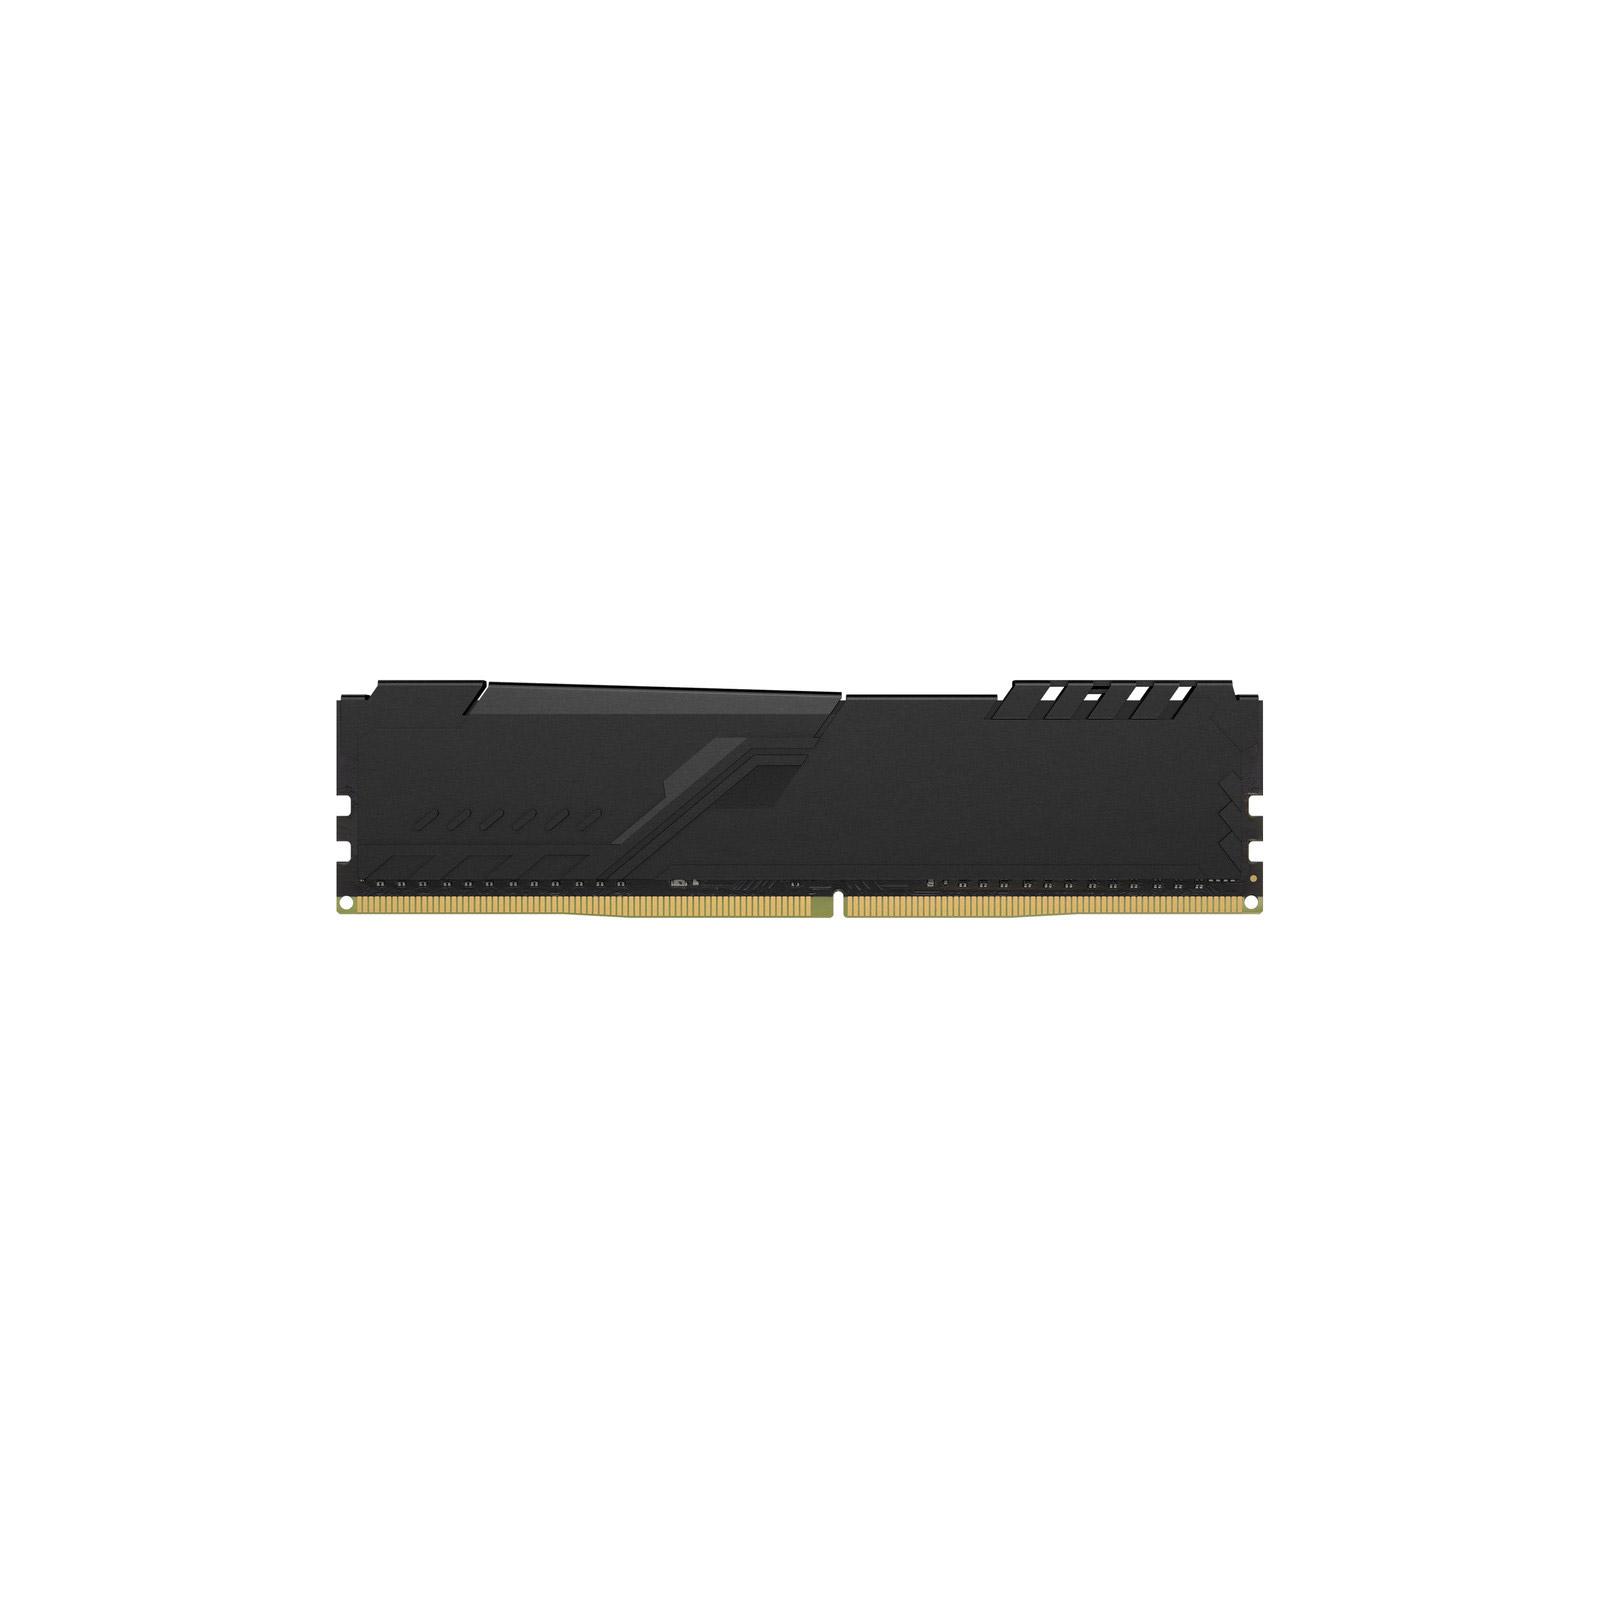 Модуль пам'яті для комп'ютера DDR4 16GB 3200 MHz Fury Black Kingston (HX432C16FB4/16) зображення 3